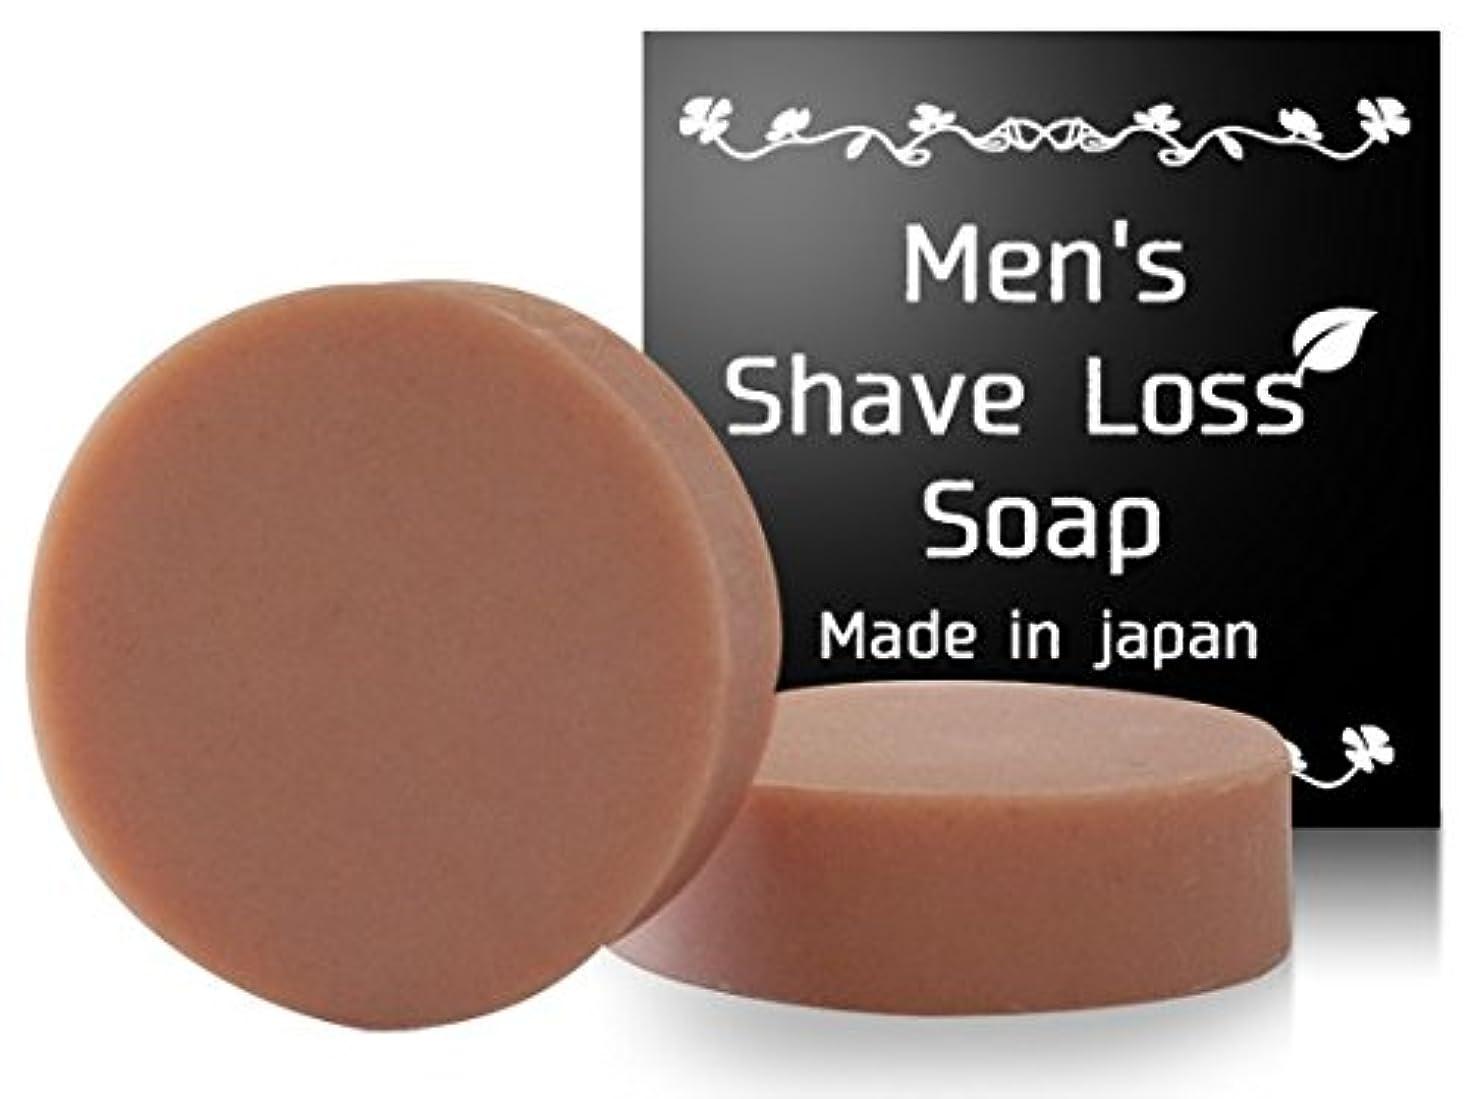 嵐の眠っているトランスミッションMens Shave Loss Soap シェーブロス 剛毛は嫌!ツルツル過ぎも嫌! そんな夢を叶えた奇跡の石鹸! 【男性専用】(1個)